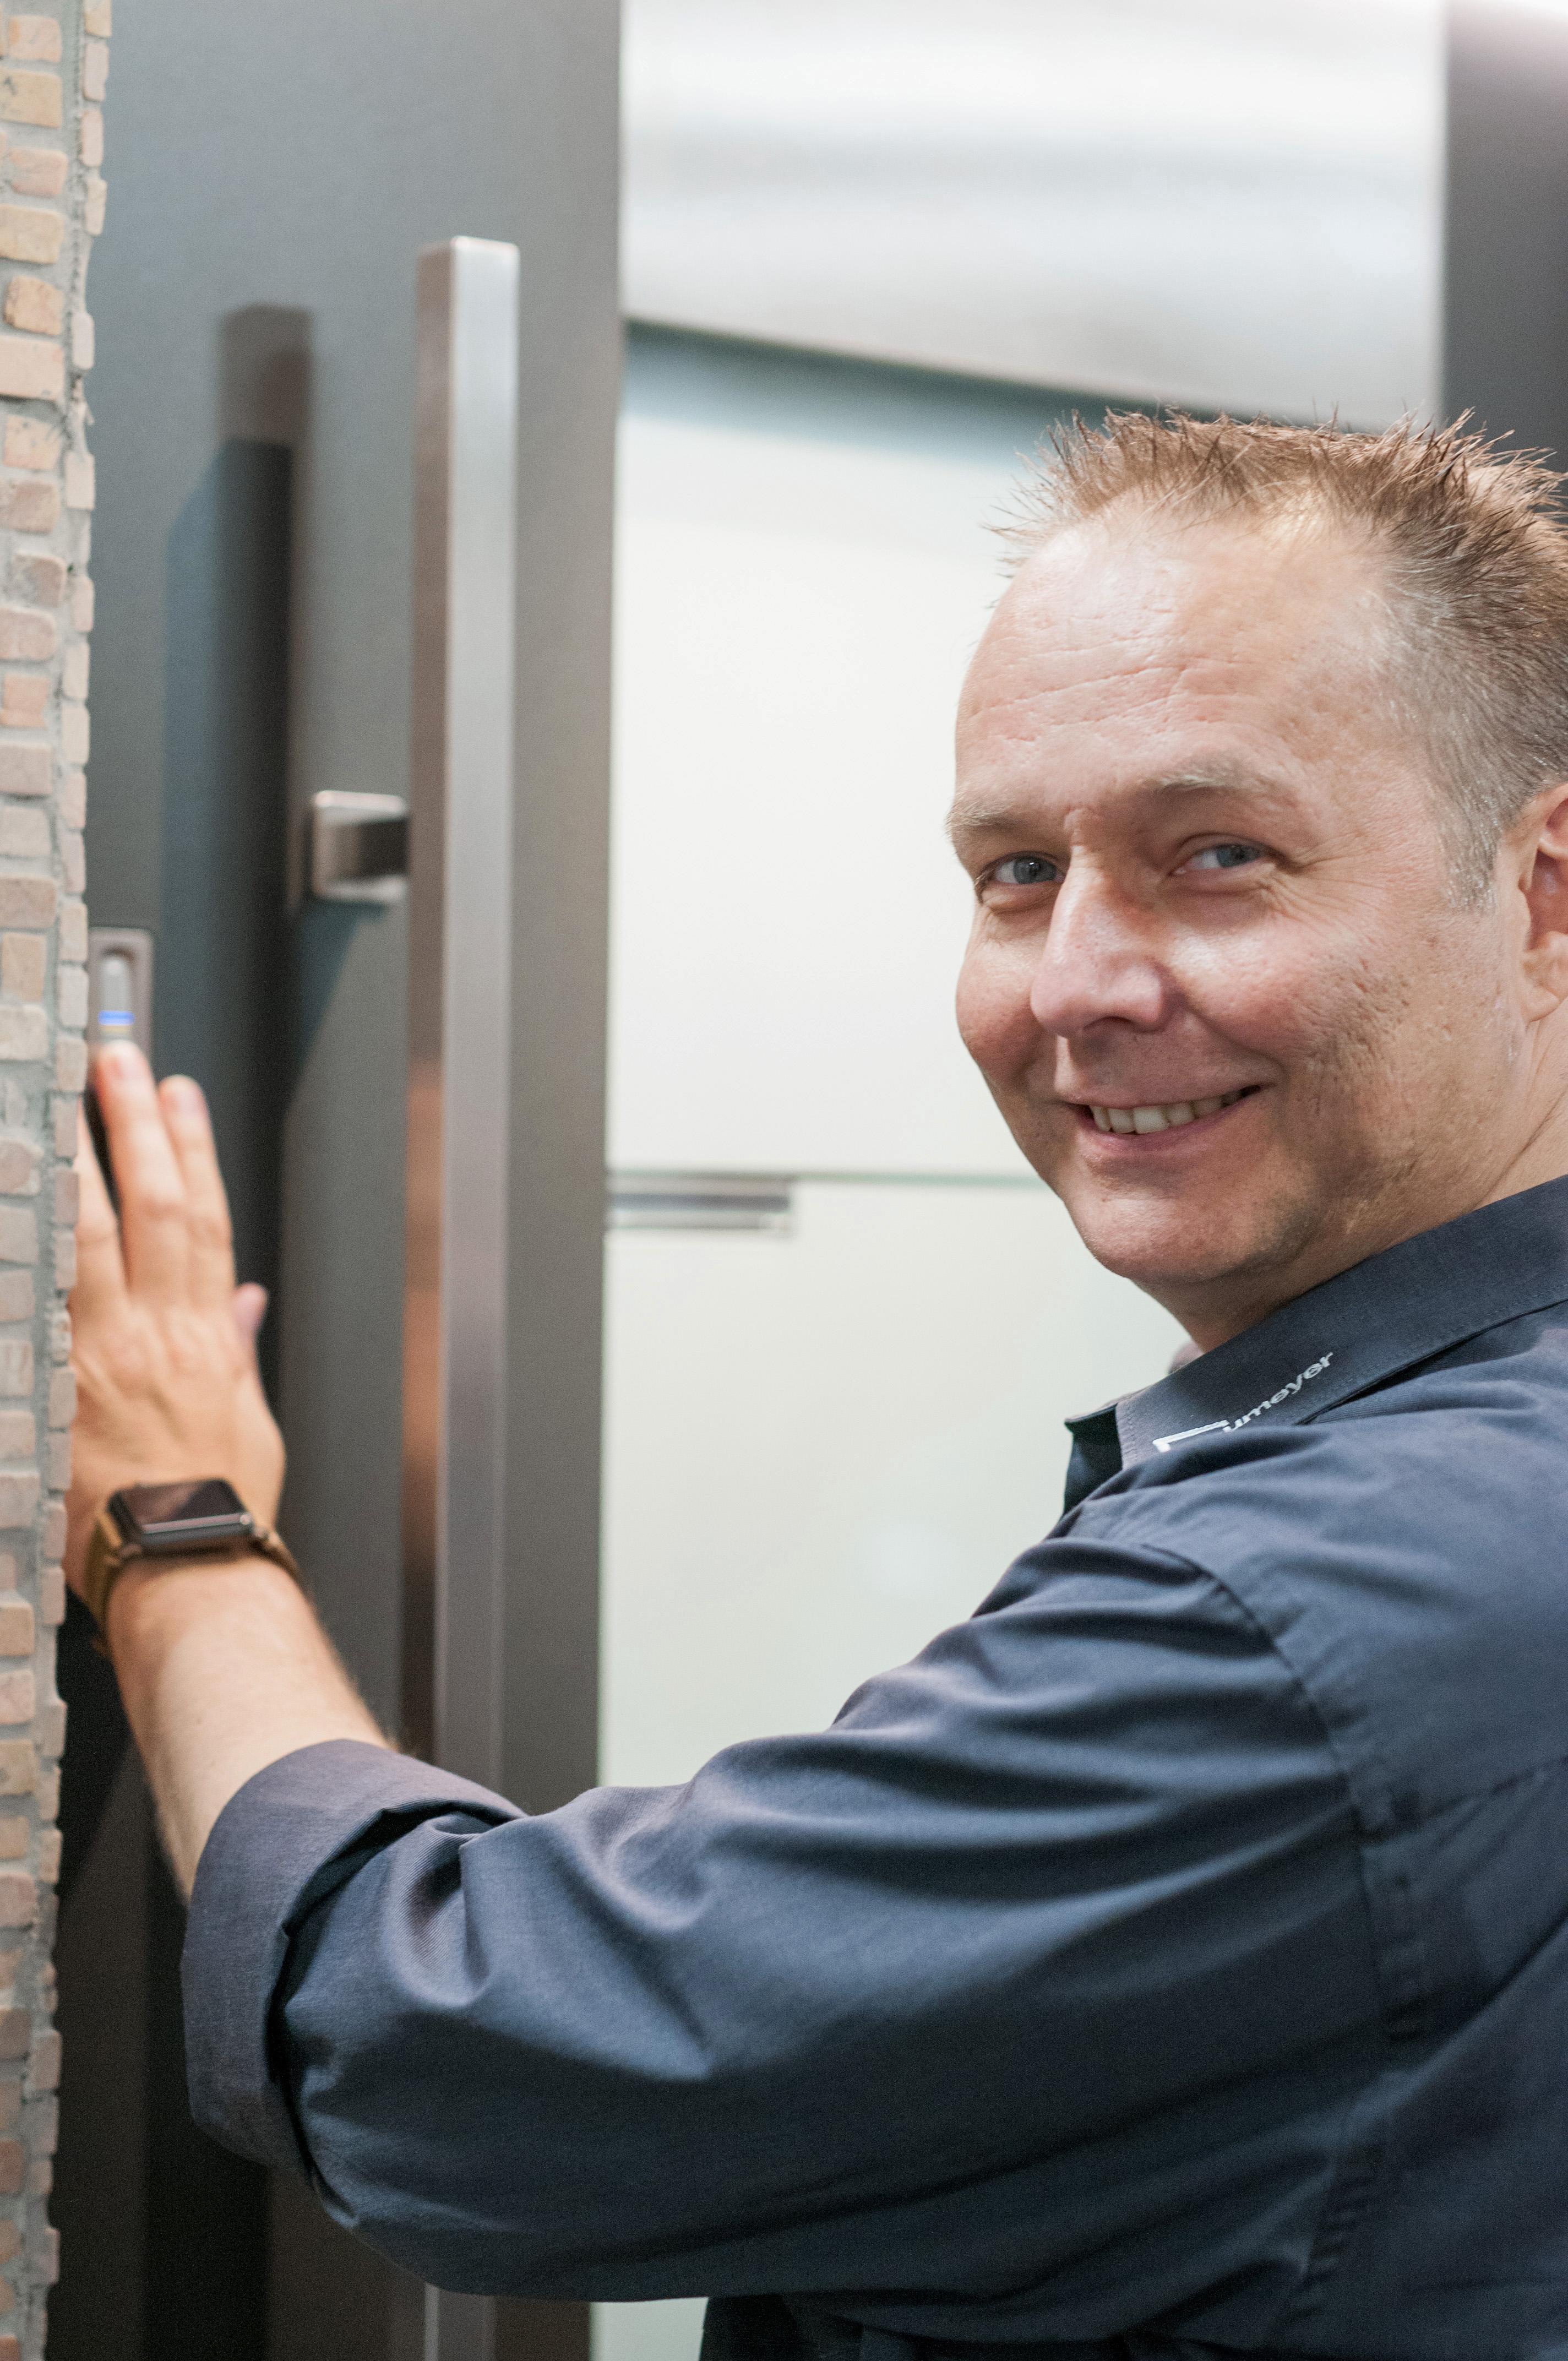 Einbrüchen die Tür zuschlagen! - Neumeyer – Sicherheitslösungen Für Fenster und Türen